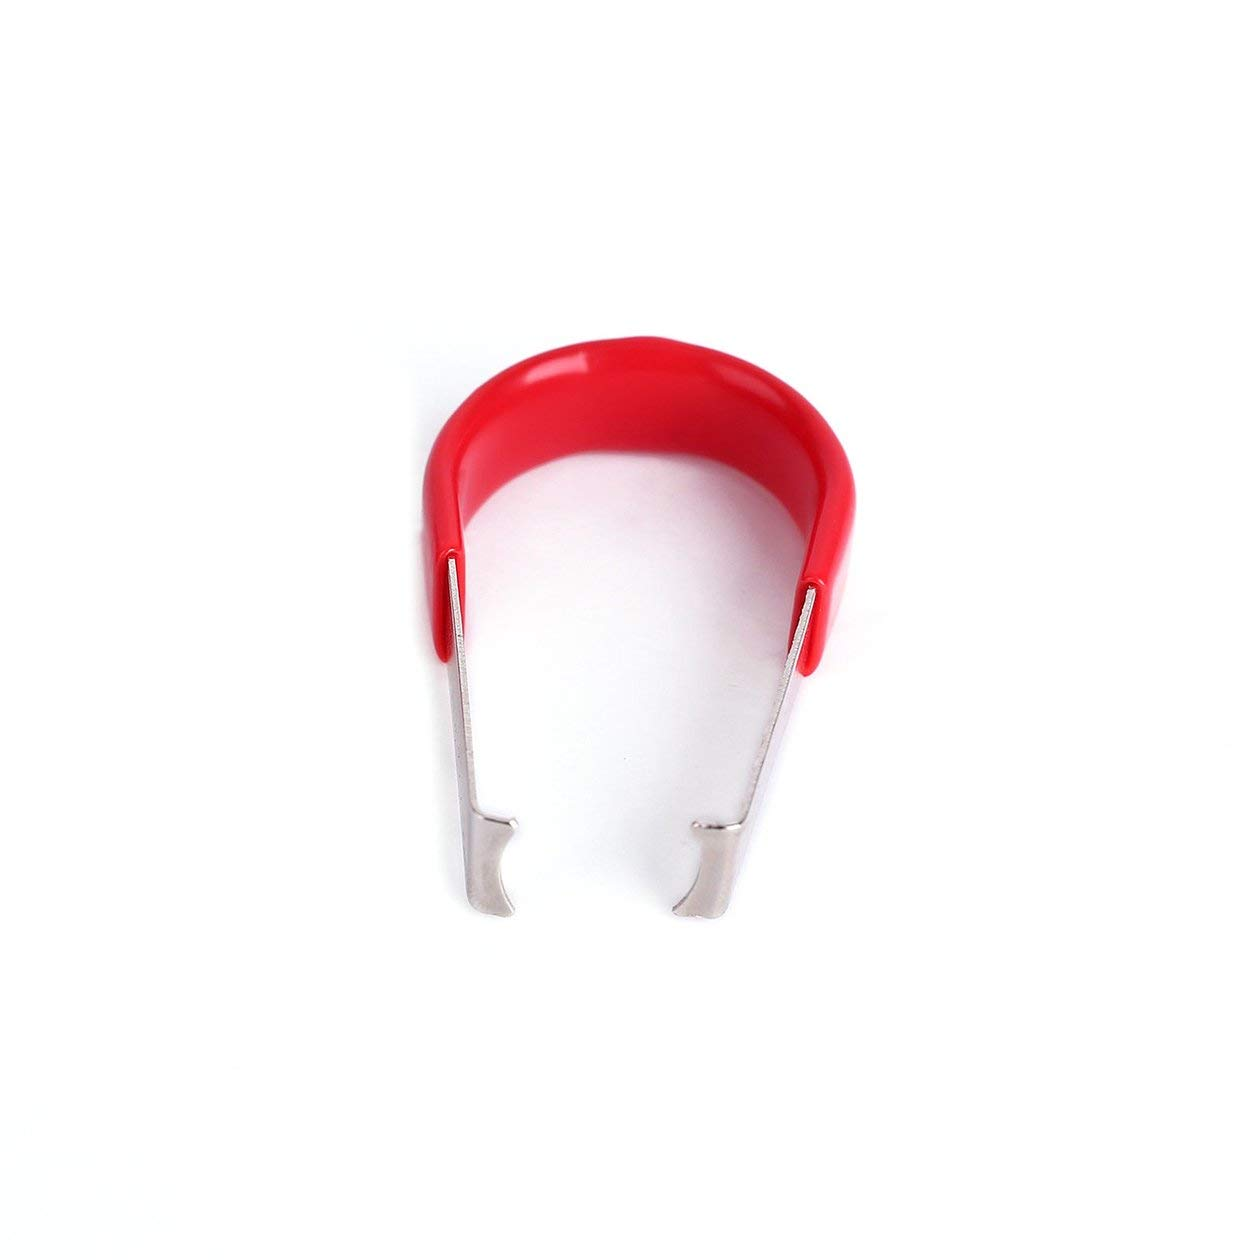 1x outil demontage extracteur pincette pour capuchon ecrou vis boulon de roue